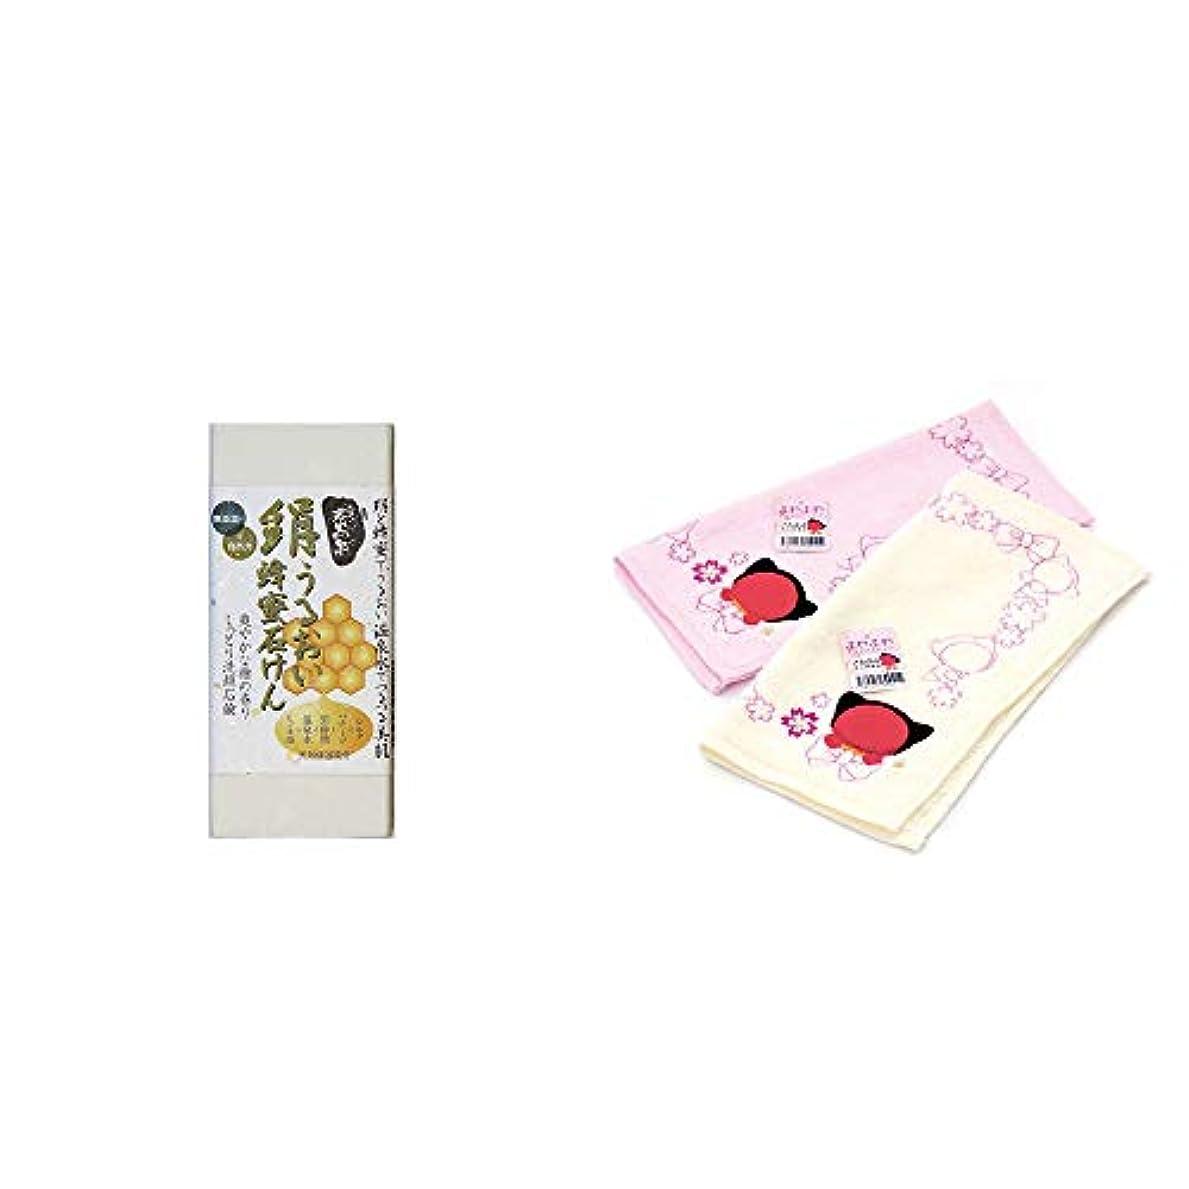 センサーはさみライフル[2点セット] ひのき炭黒泉 絹うるおい蜂蜜石けん(75g×2)?さるぼぼ ふわふわタオルハンカチ【ピンク】